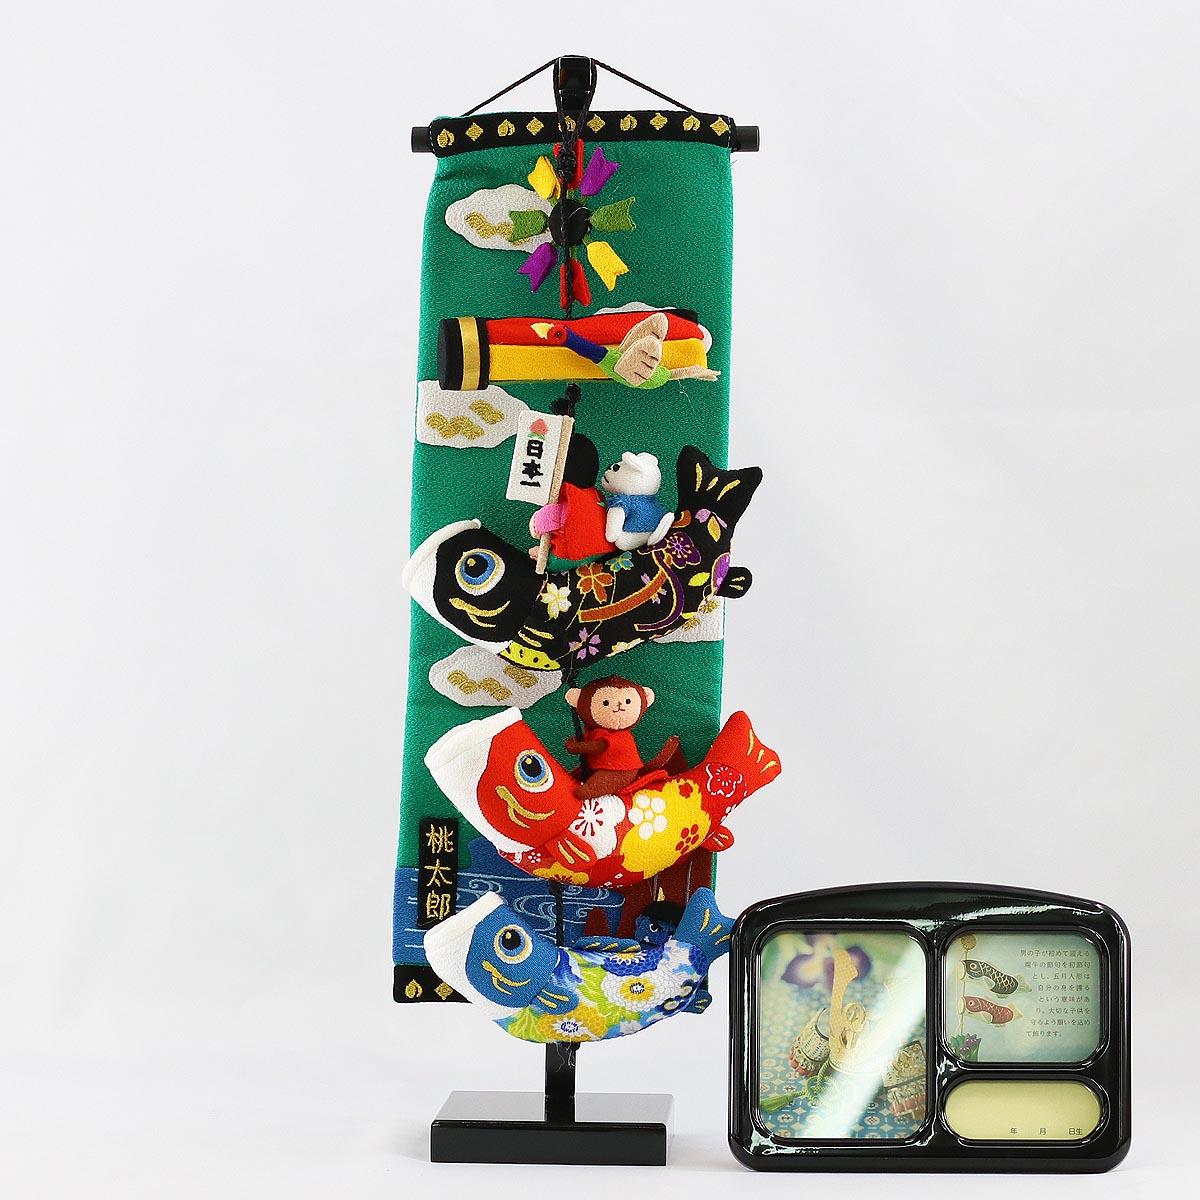 室内 鯉のぼり 桃太郎こいのぼり 特小 (スタンド・オルゴール付) TRS-BK-PKSS送料無料 ※北海道 沖縄は除く おしゃれ で かわいい つるし飾り 吊るし飾り 室内用 こいのぼり で 端午の節句 こどもの日 のお祝いに